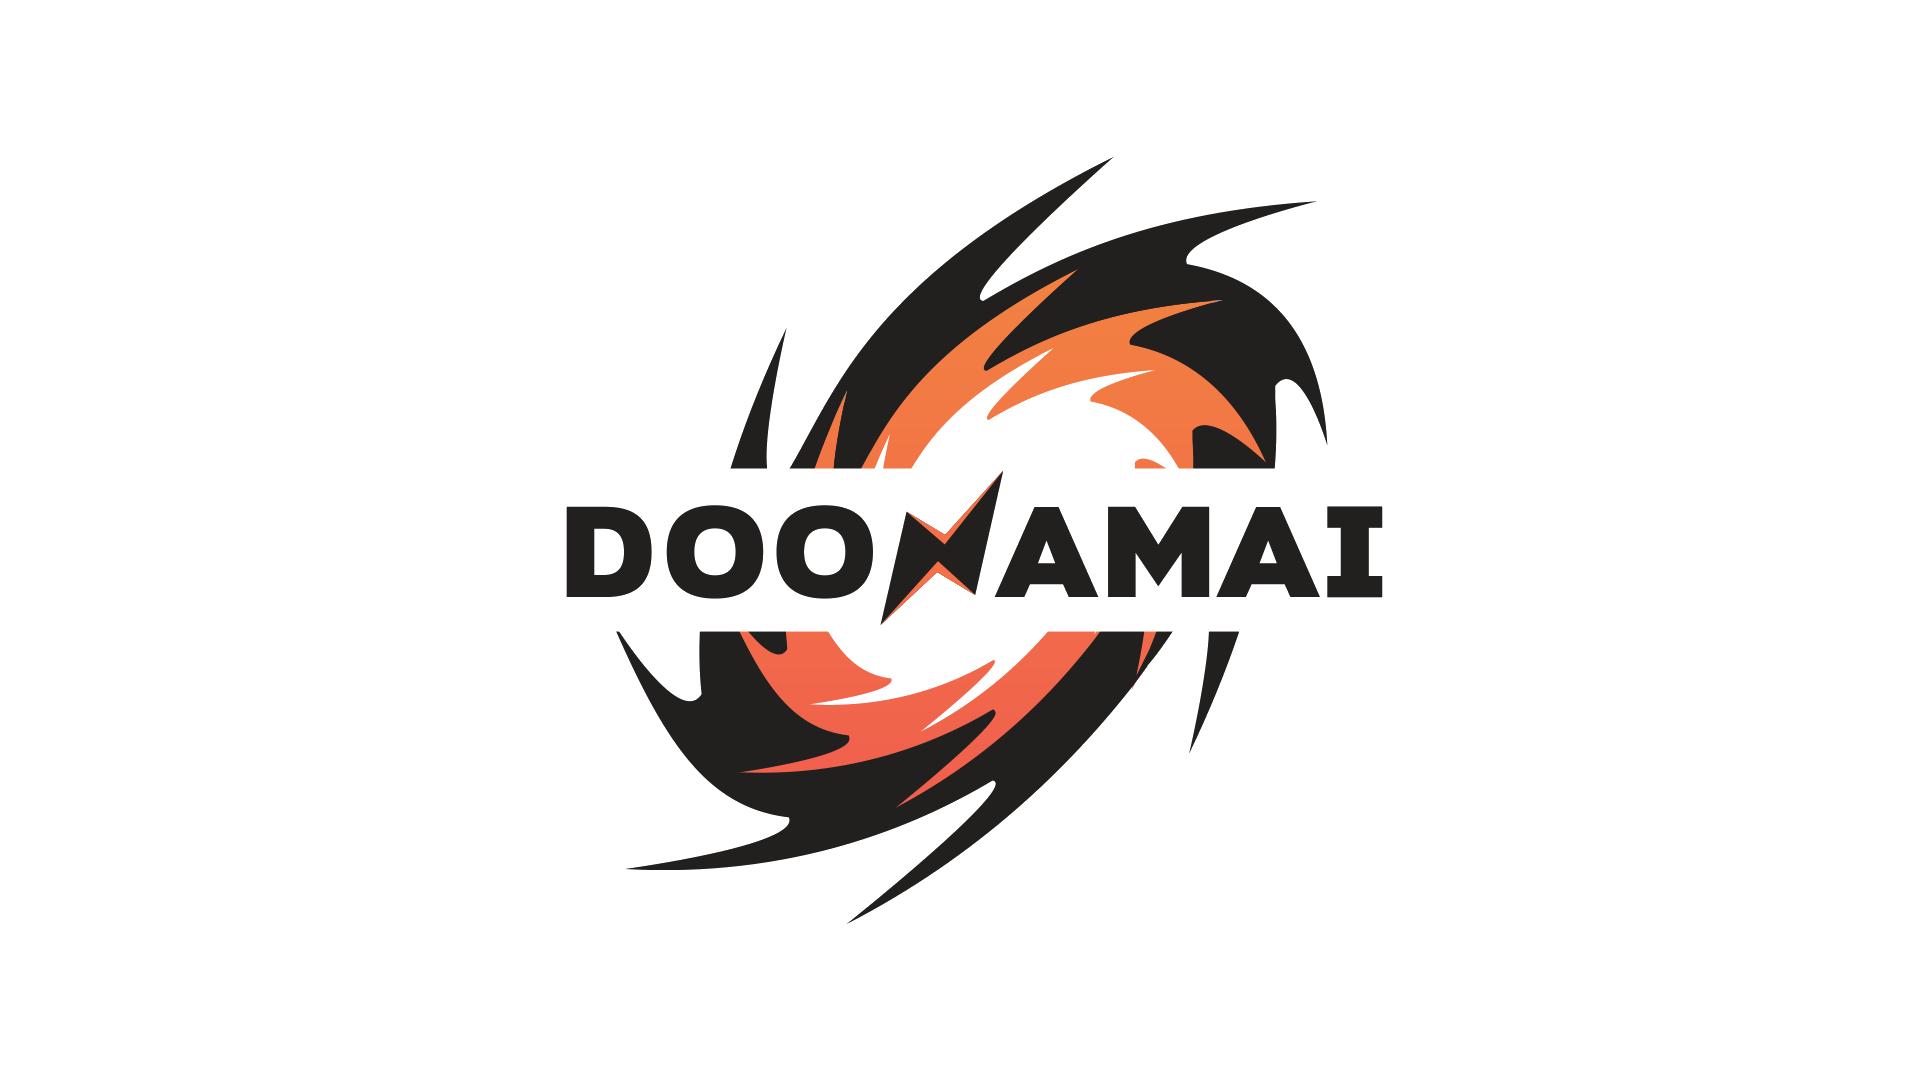 doonamai_logo_forLight.png